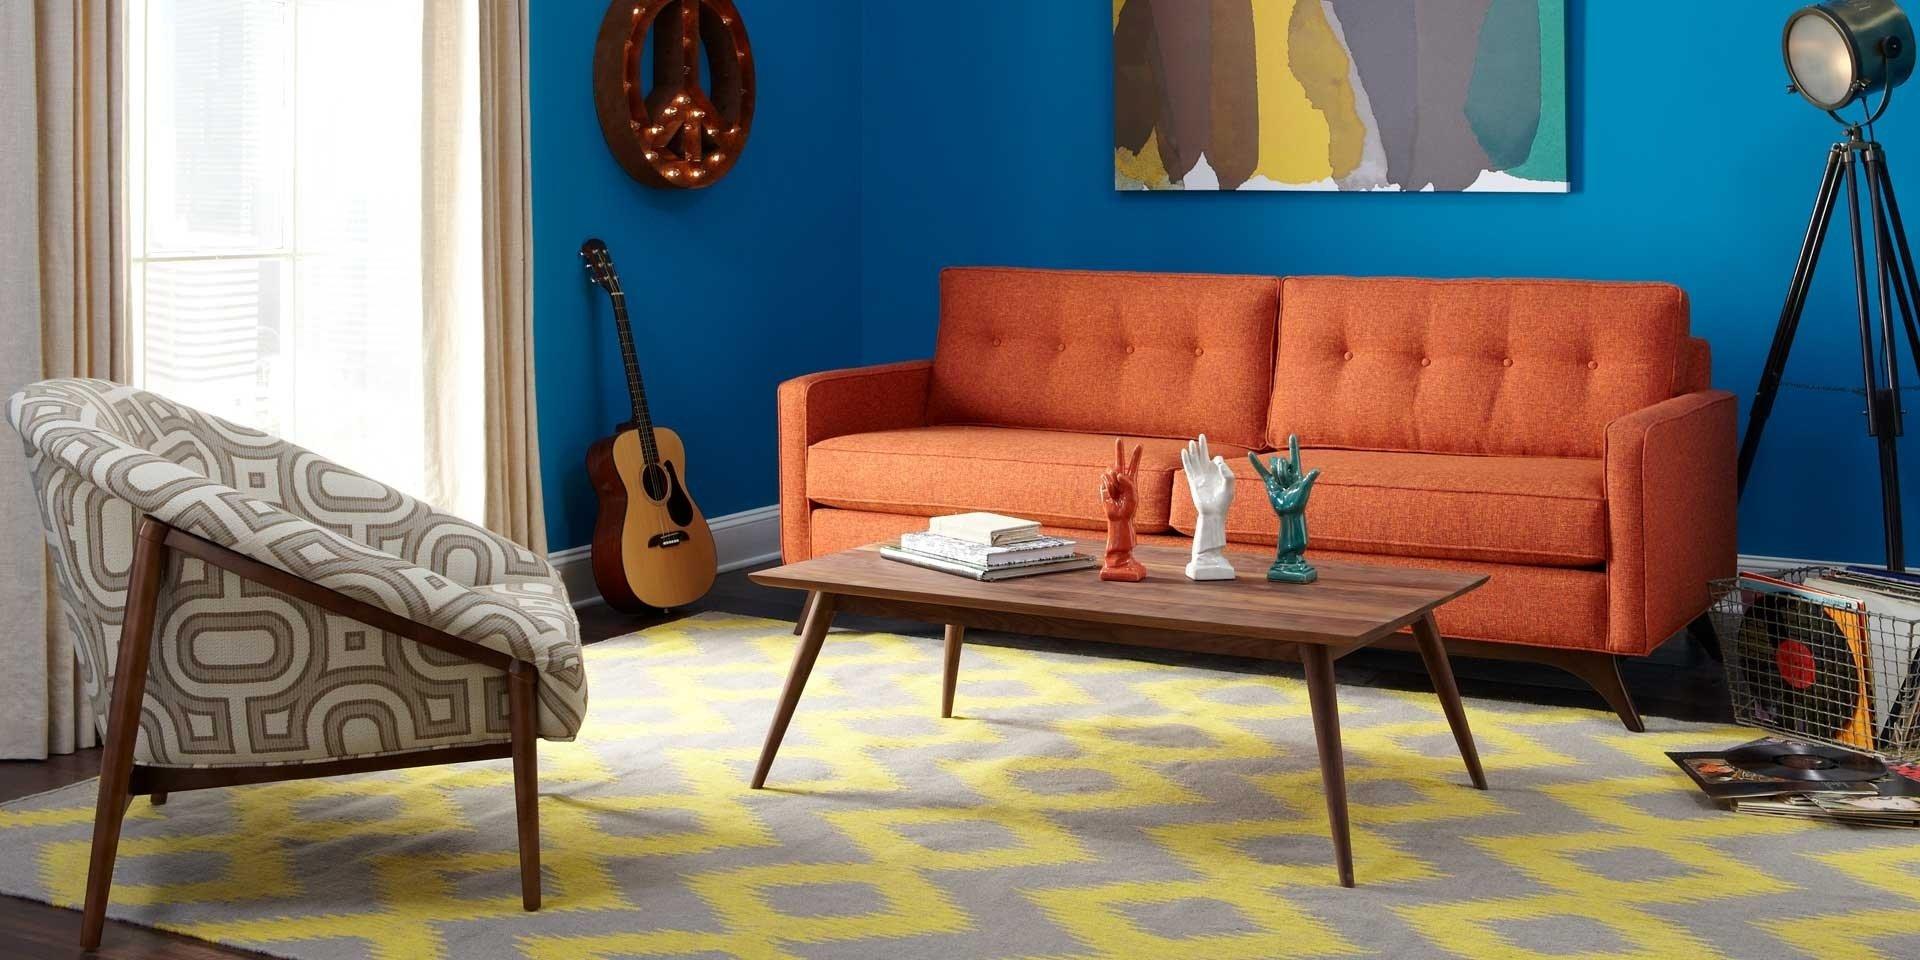 10 Unique Bright Ideas Royal Oak Mi luxury bright ideas furniture royal oak mi 98 on interior decor home 1 2021